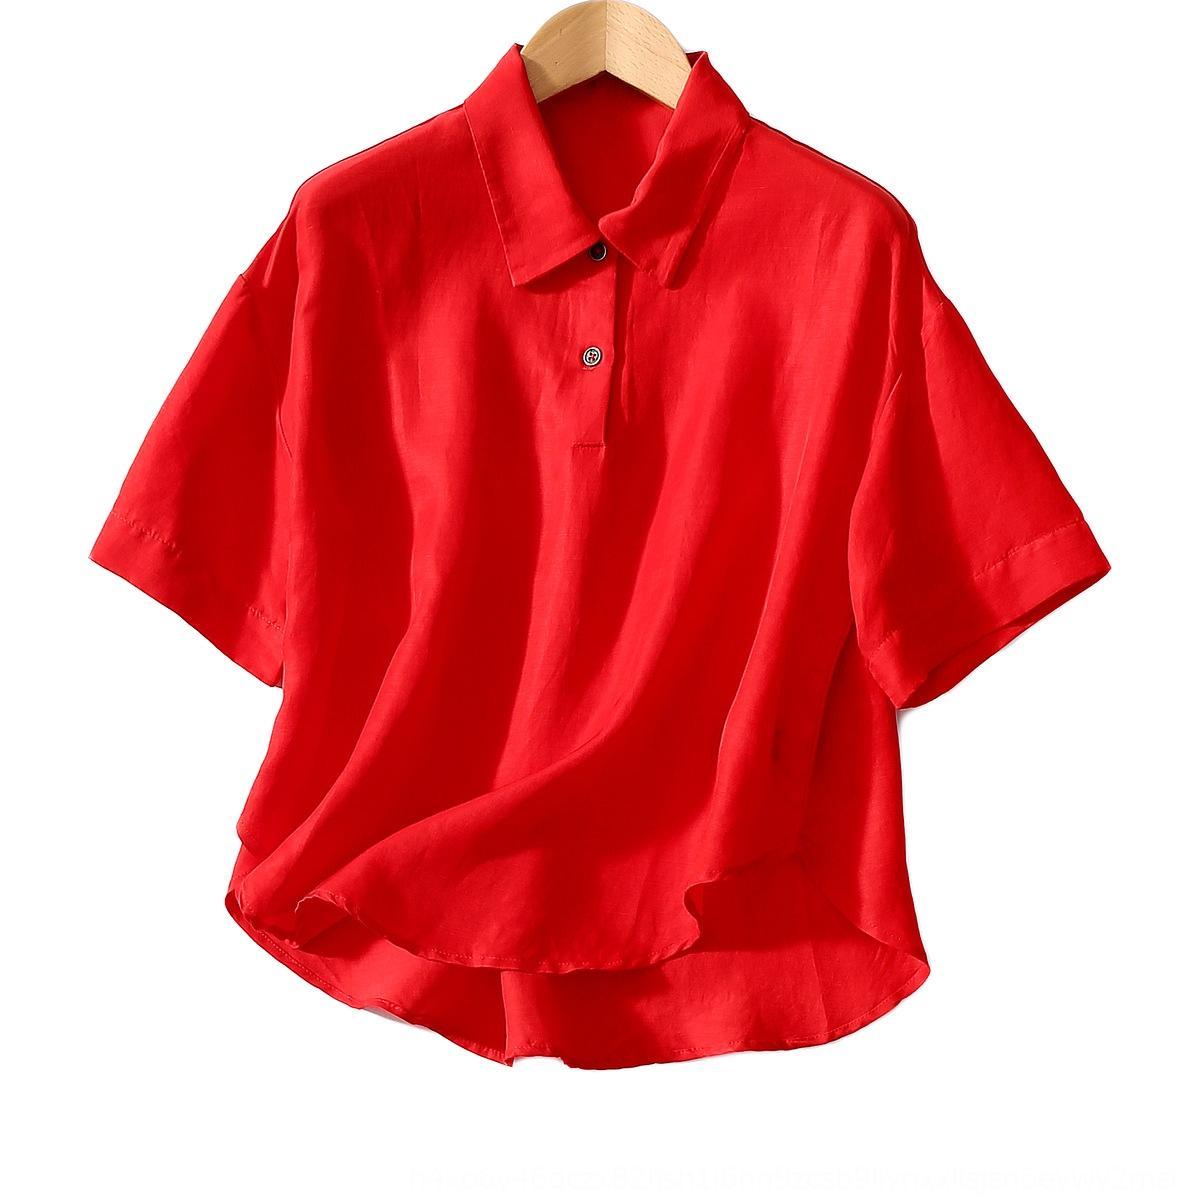 Gömlek gömlek kadınlar Nkzgn Nkzg için gevşek 2020 yaz yeni cilt dostu süper harika bakır amonyak keten kumaş sanatsal lapelshoulder kol